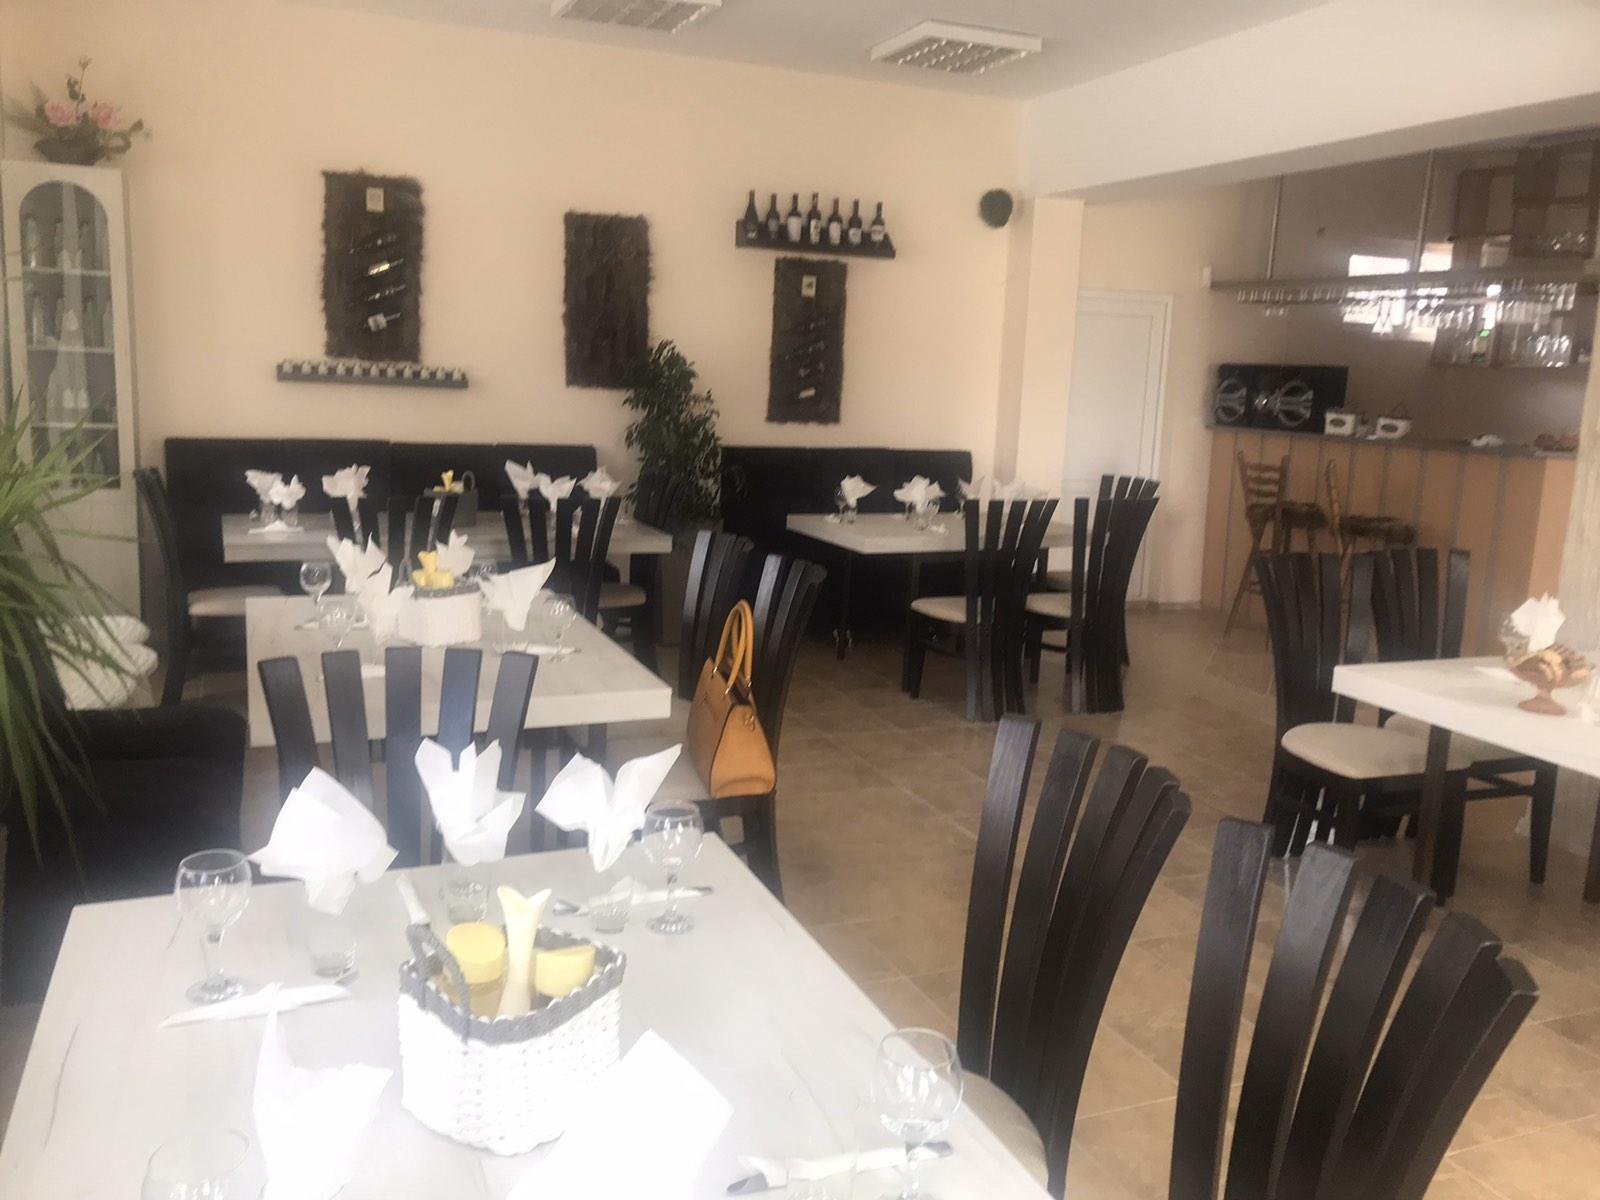 Нощувка с капацитет, до 15 човека + ползване на оборудван ресторант и зала за хранене от Семеен хотел Его, с. Минерални бани, снимка 7